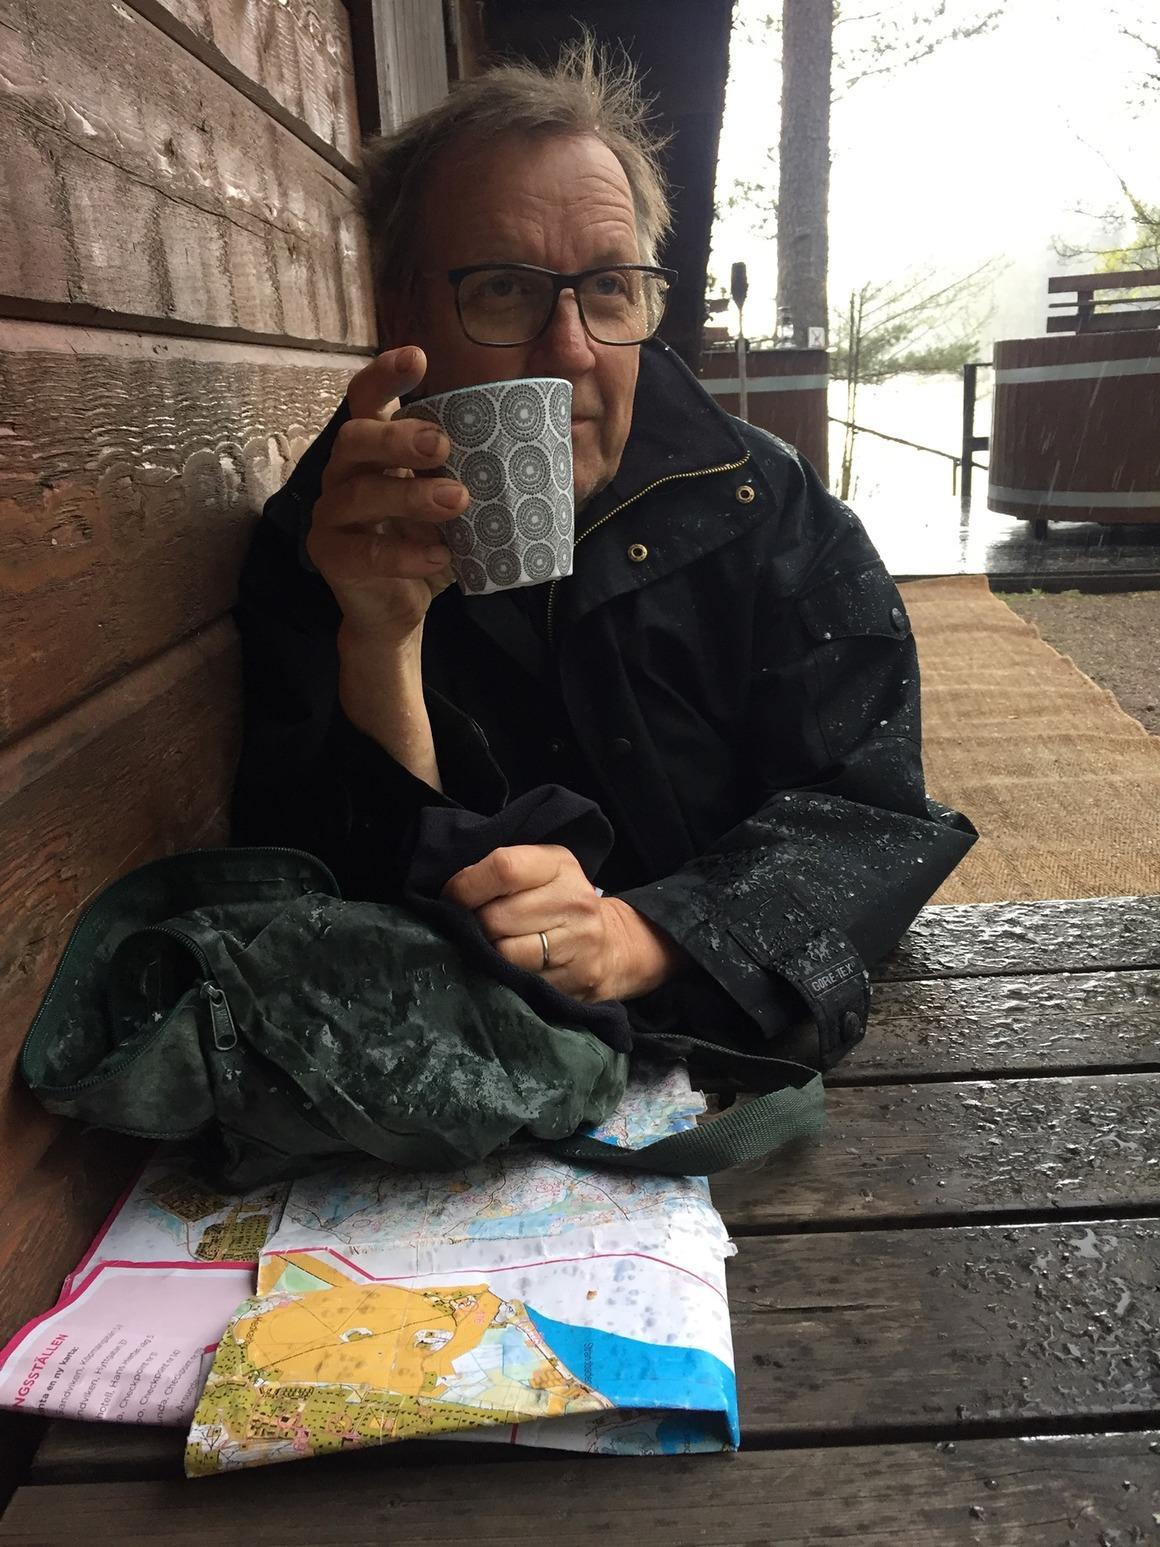 Man med hittautkarta fikar i skydd av regnet